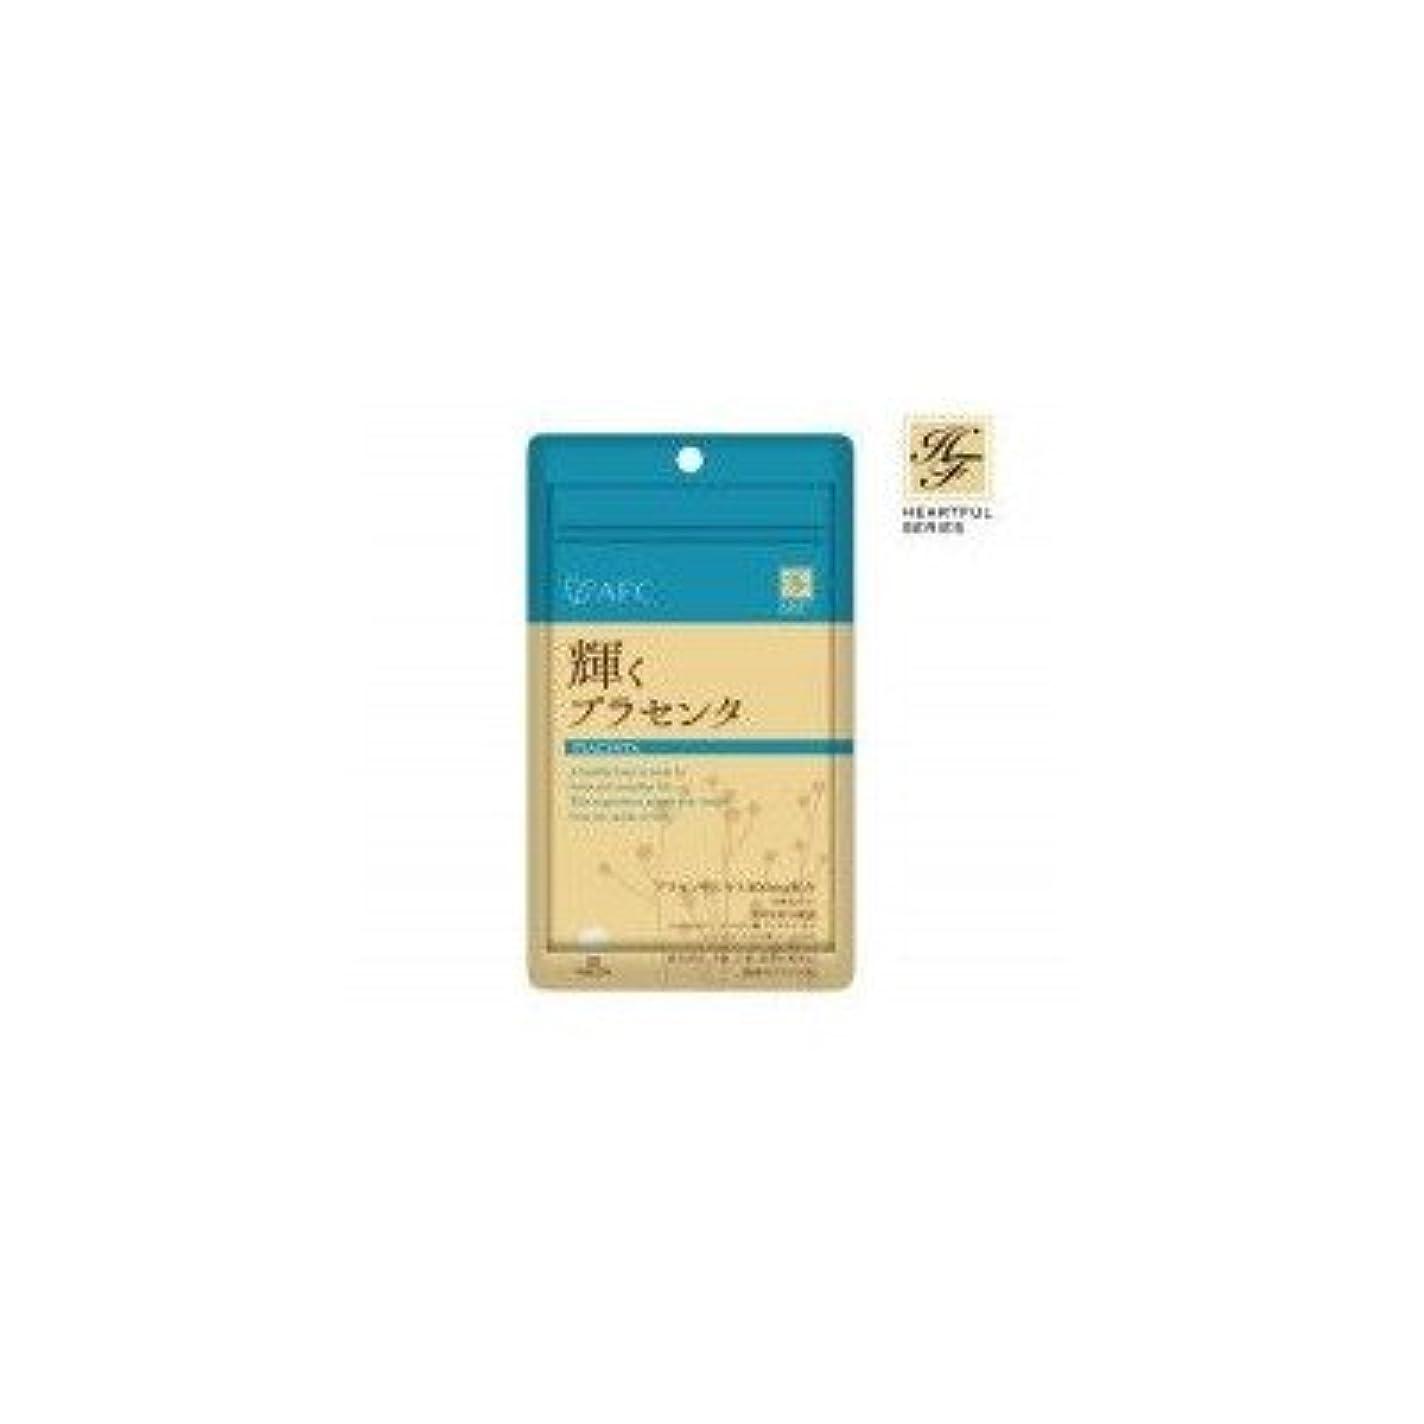 ワックスラジウム流産AFC(エーエフシー) ハートフルシリーズサプリ 輝くプラセンタ HFS02×6袋